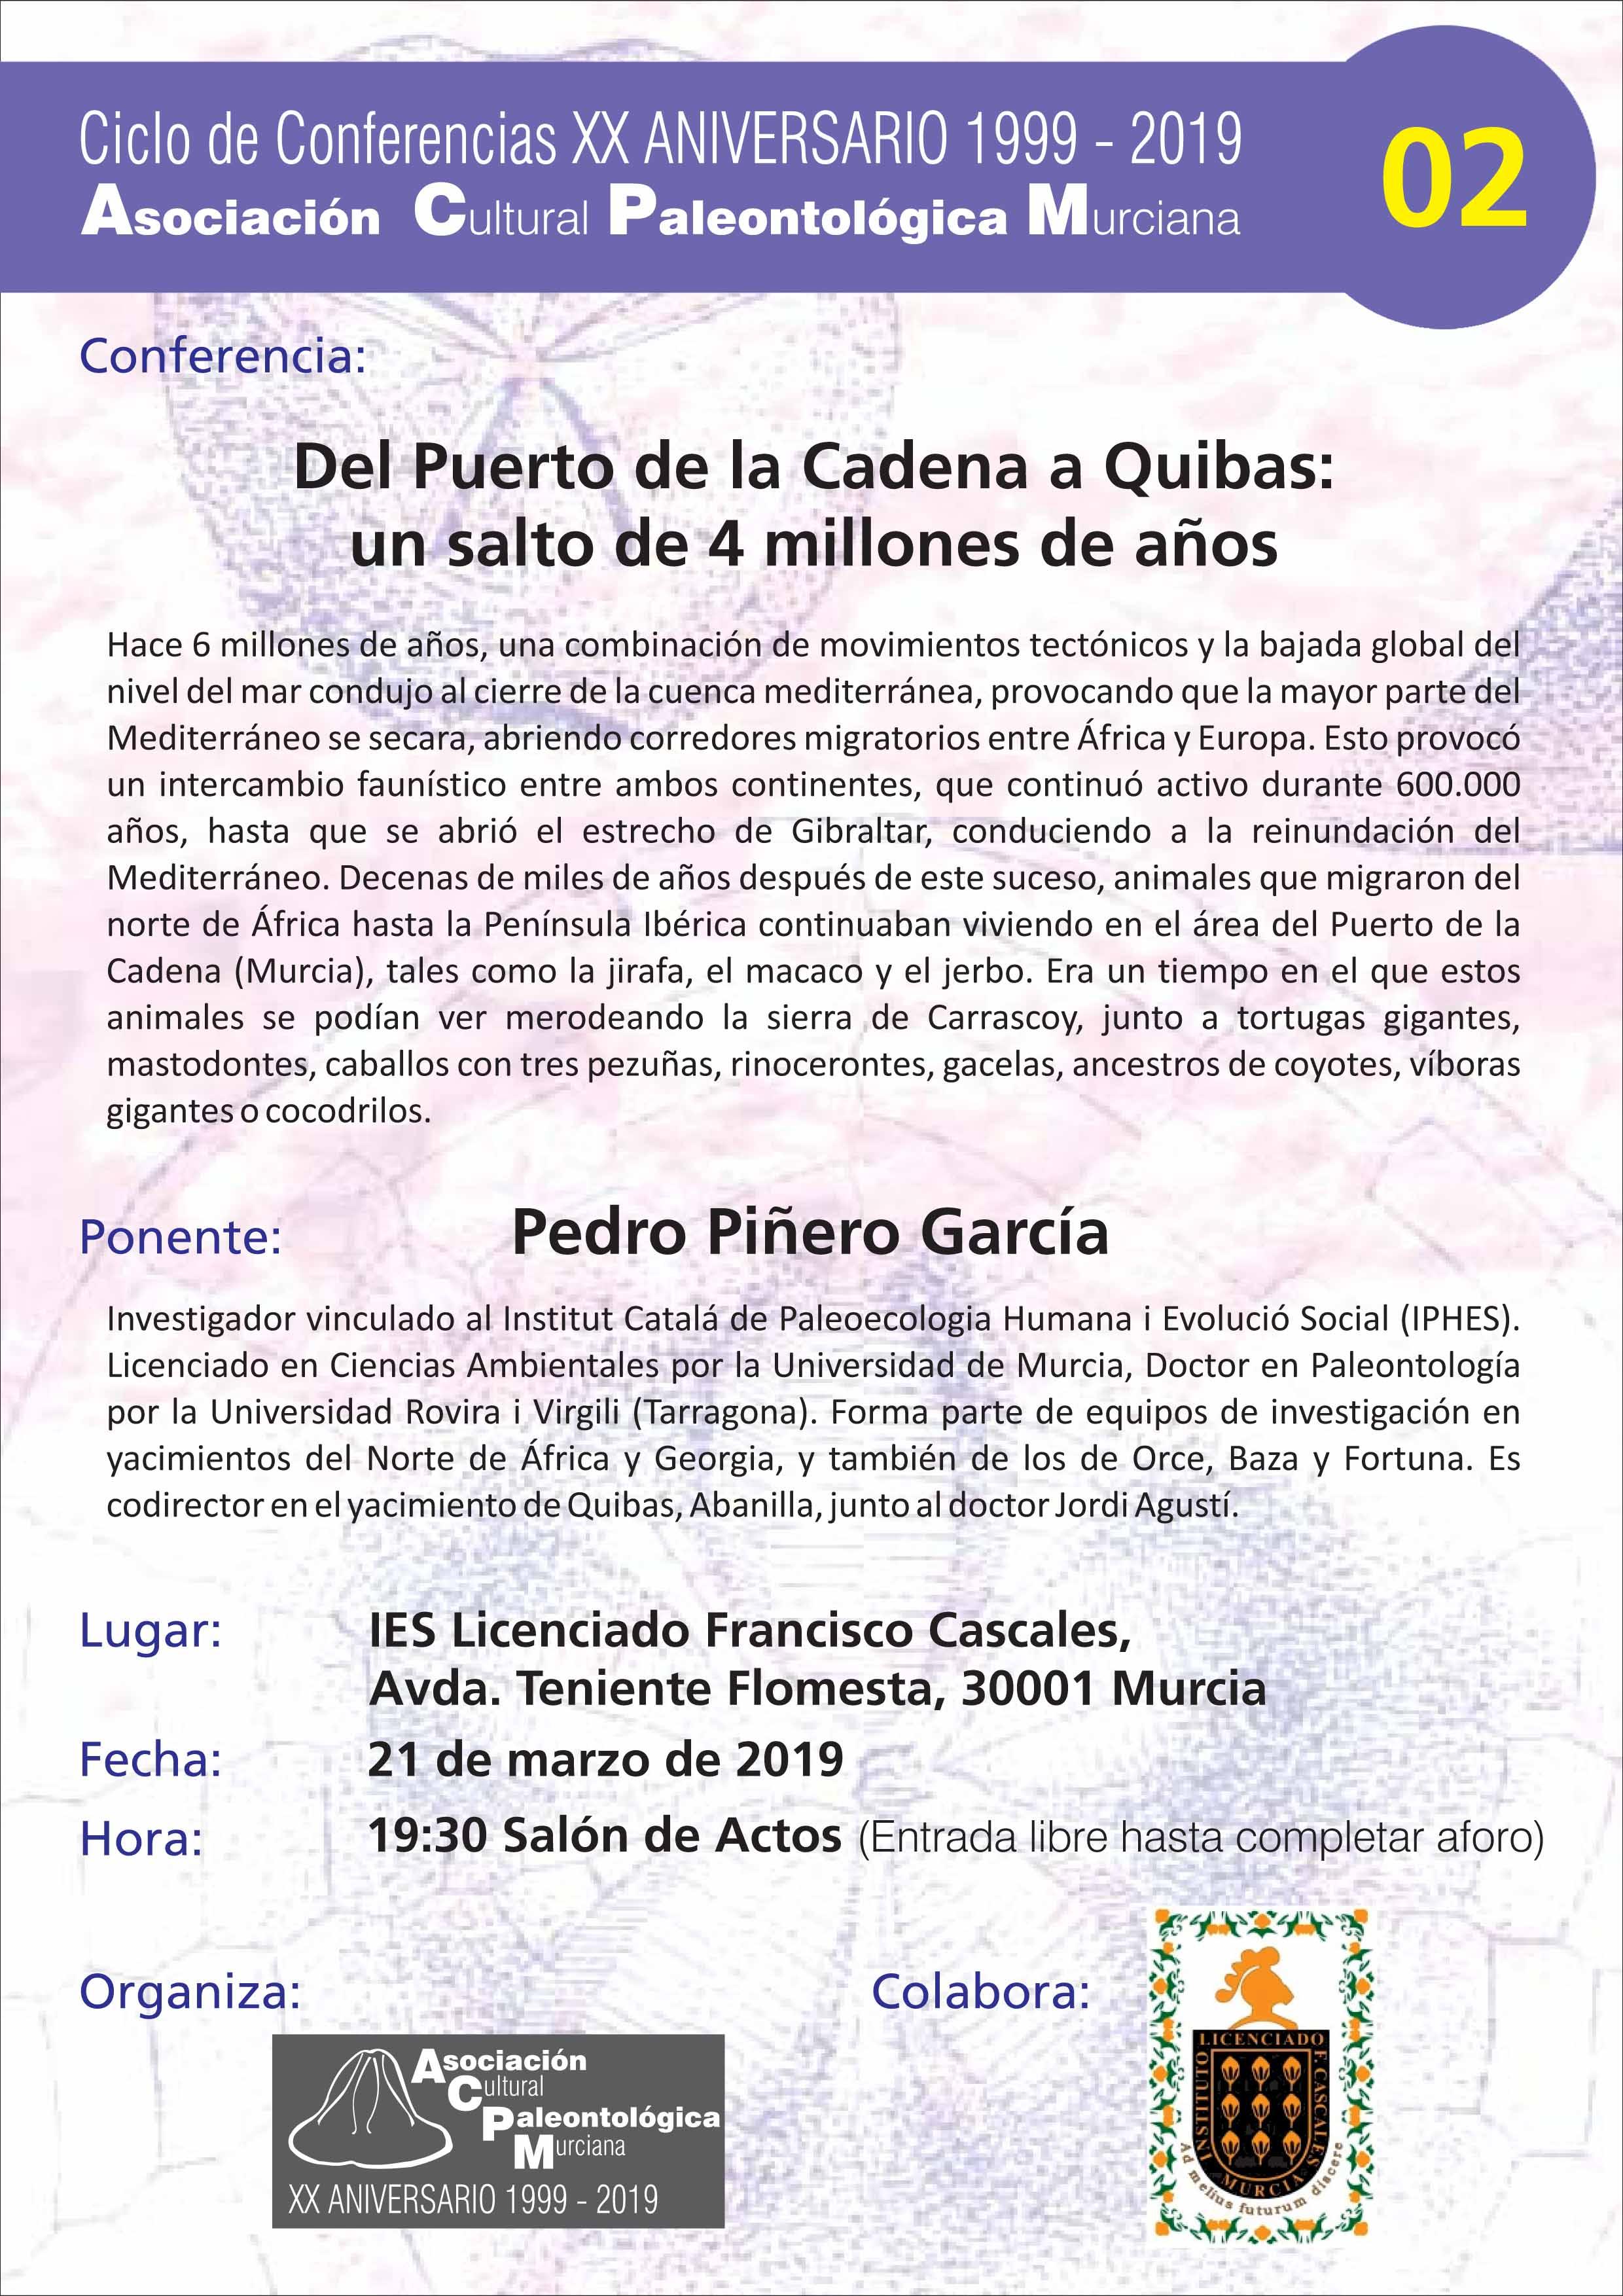 Charla Paleontológica sobre el Puerto de la Cadena, con ACPM